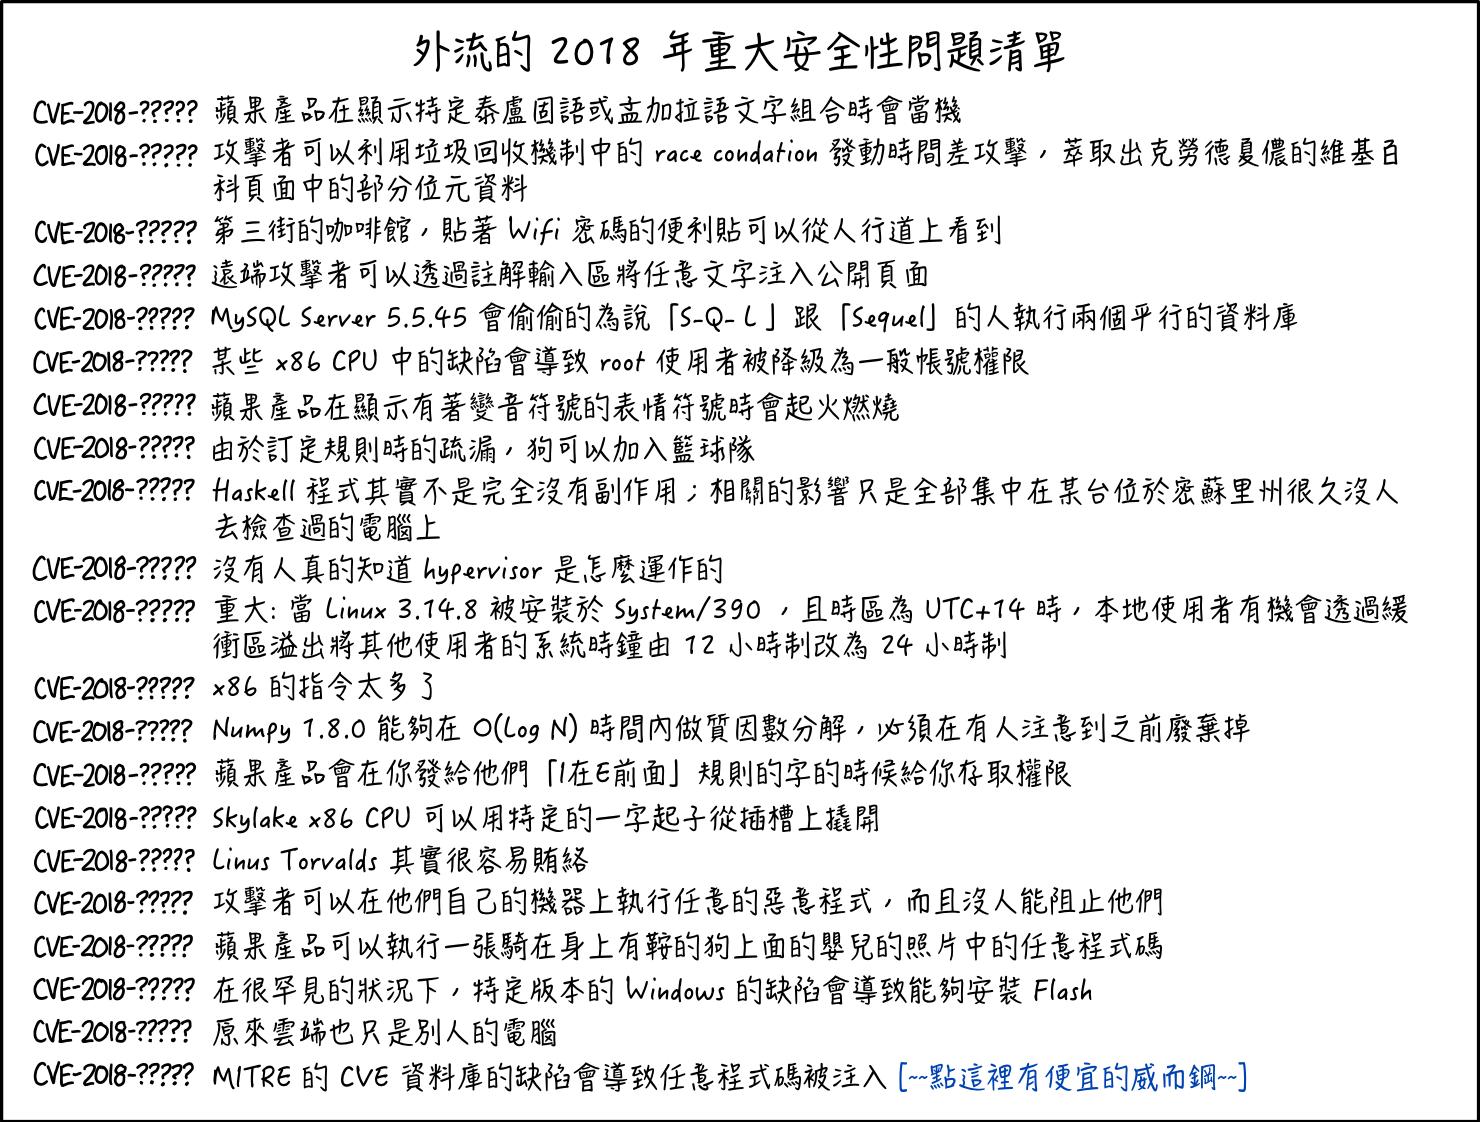 2018 CVE 清單